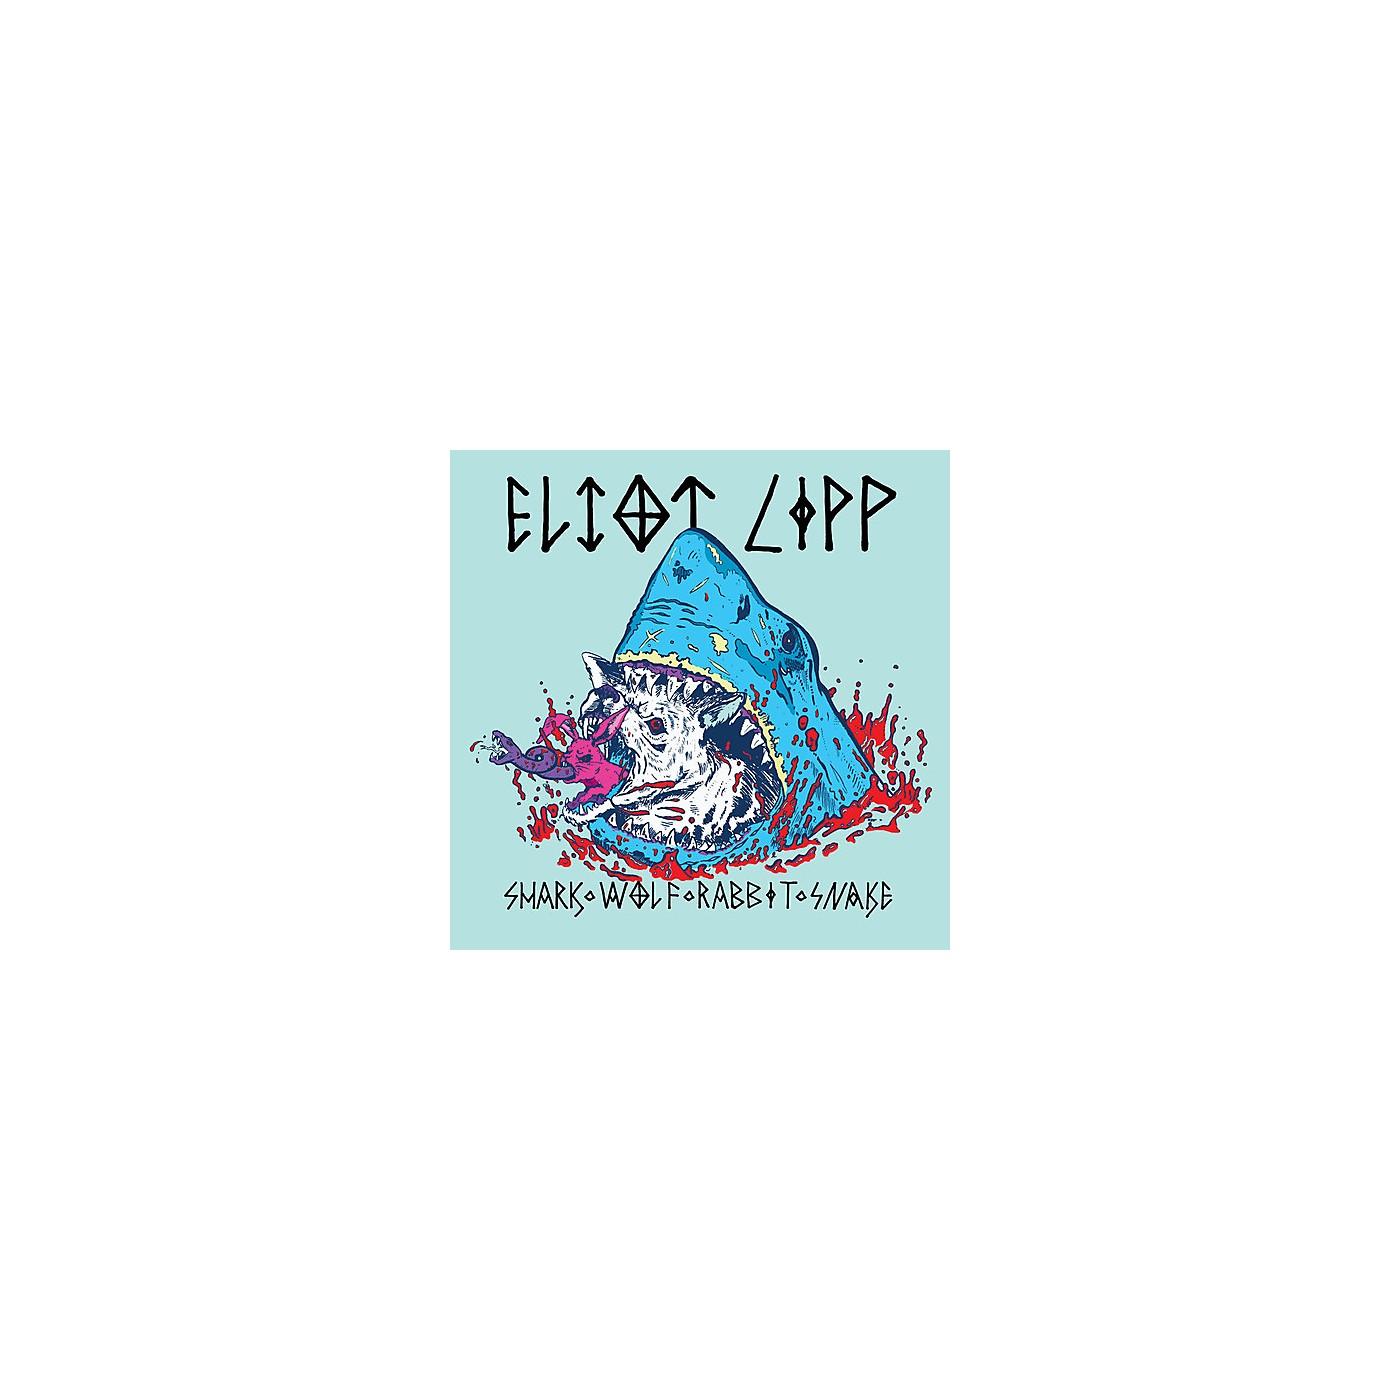 Alliance Eliot Lipp - Shark Wolf Rabbit Snake thumbnail